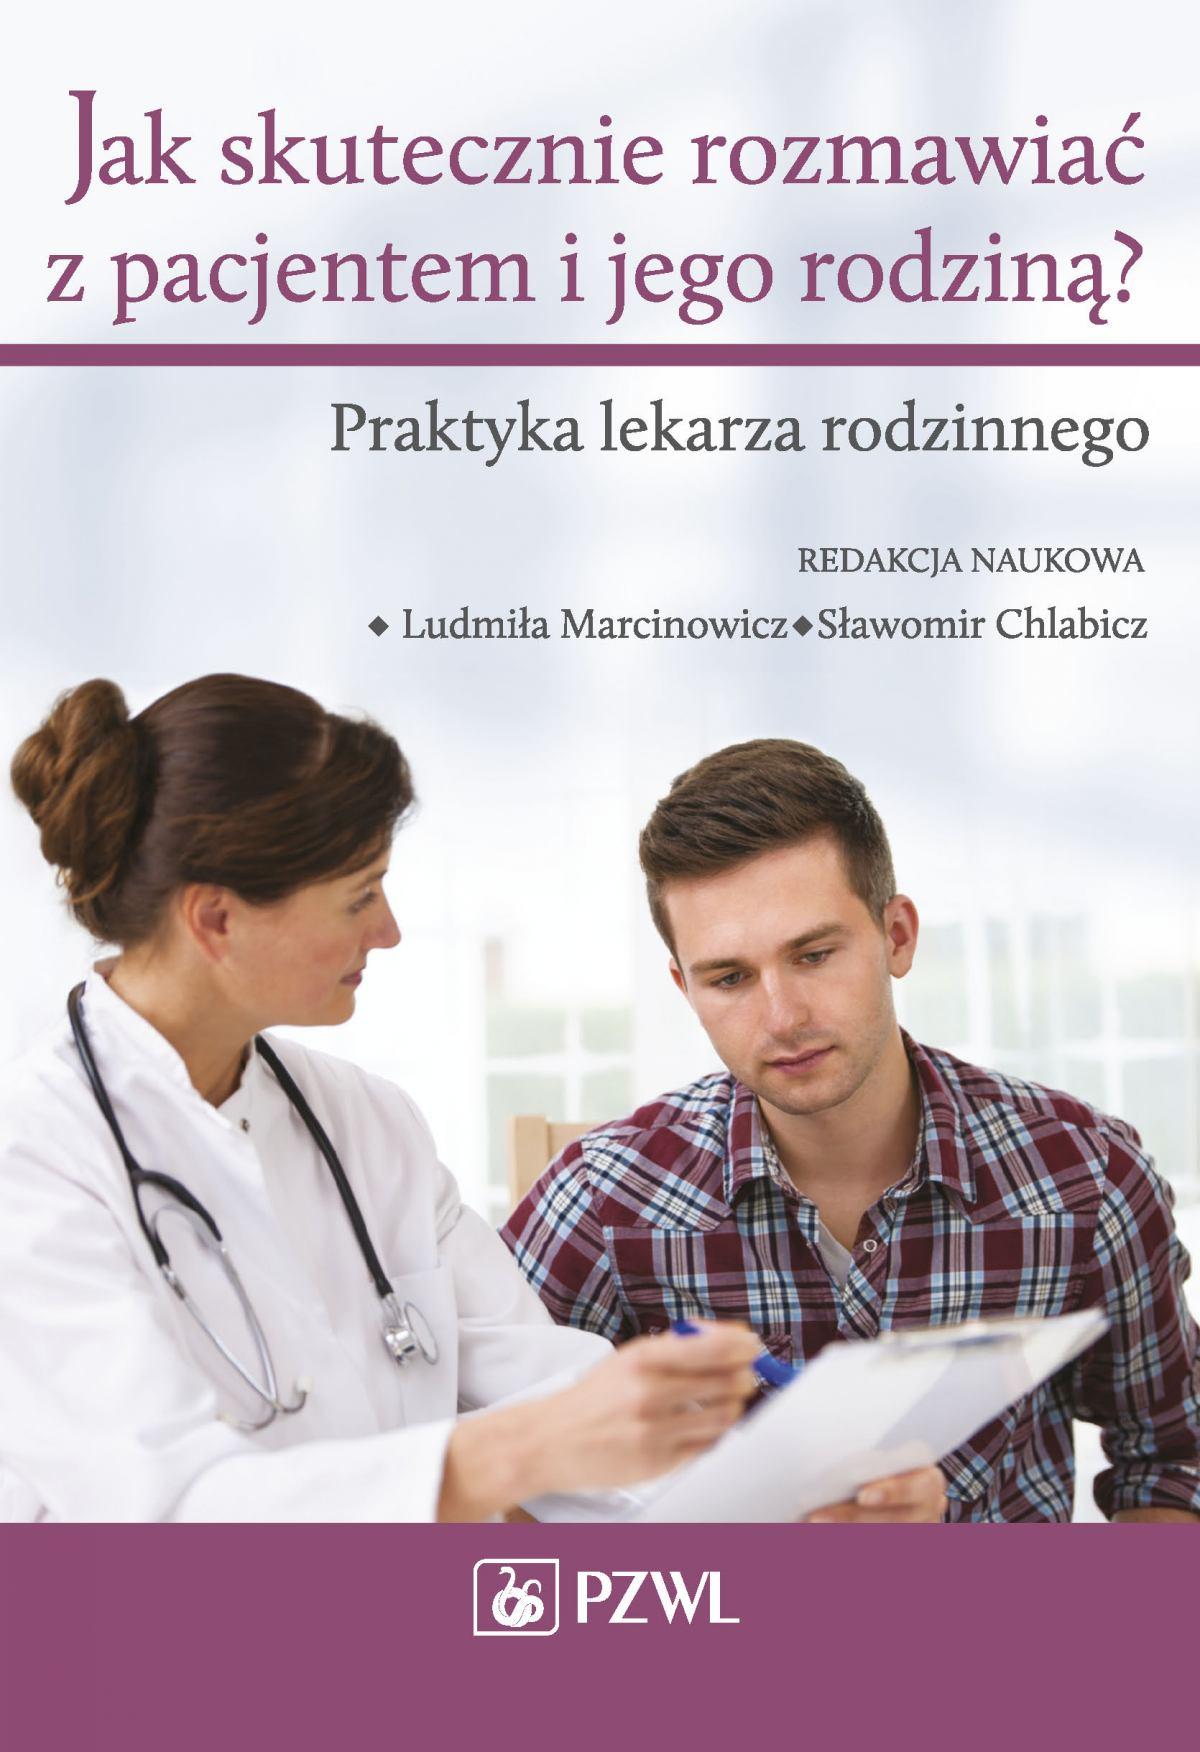 Jak skutecznie rozmawiać z pacjentem i jego rodziną? - Ebook (Książka EPUB) do pobrania w formacie EPUB